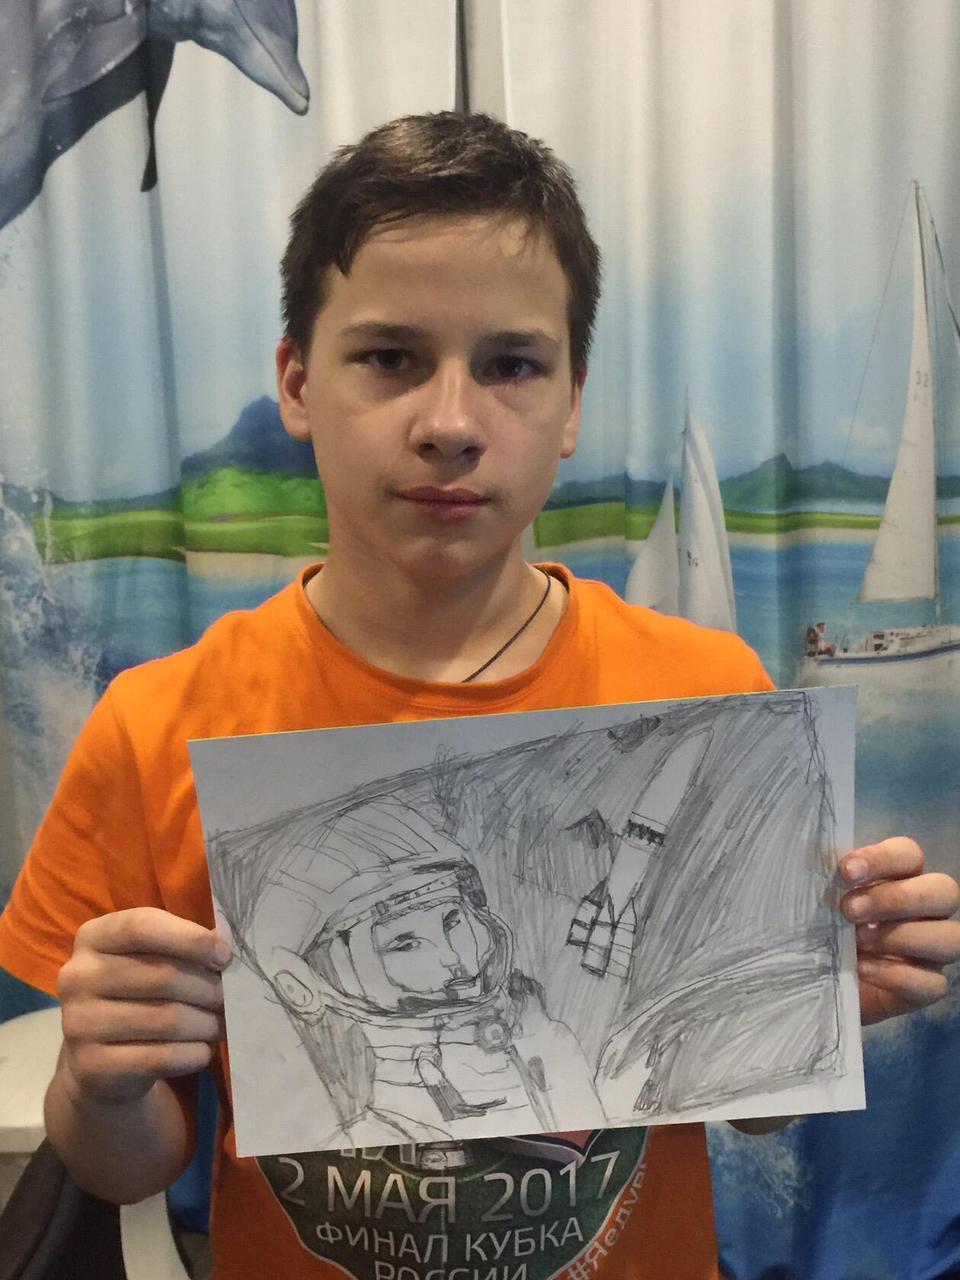 Ярославу сложно поддержать беседу, но он может говорить с миром с помощью своих картин